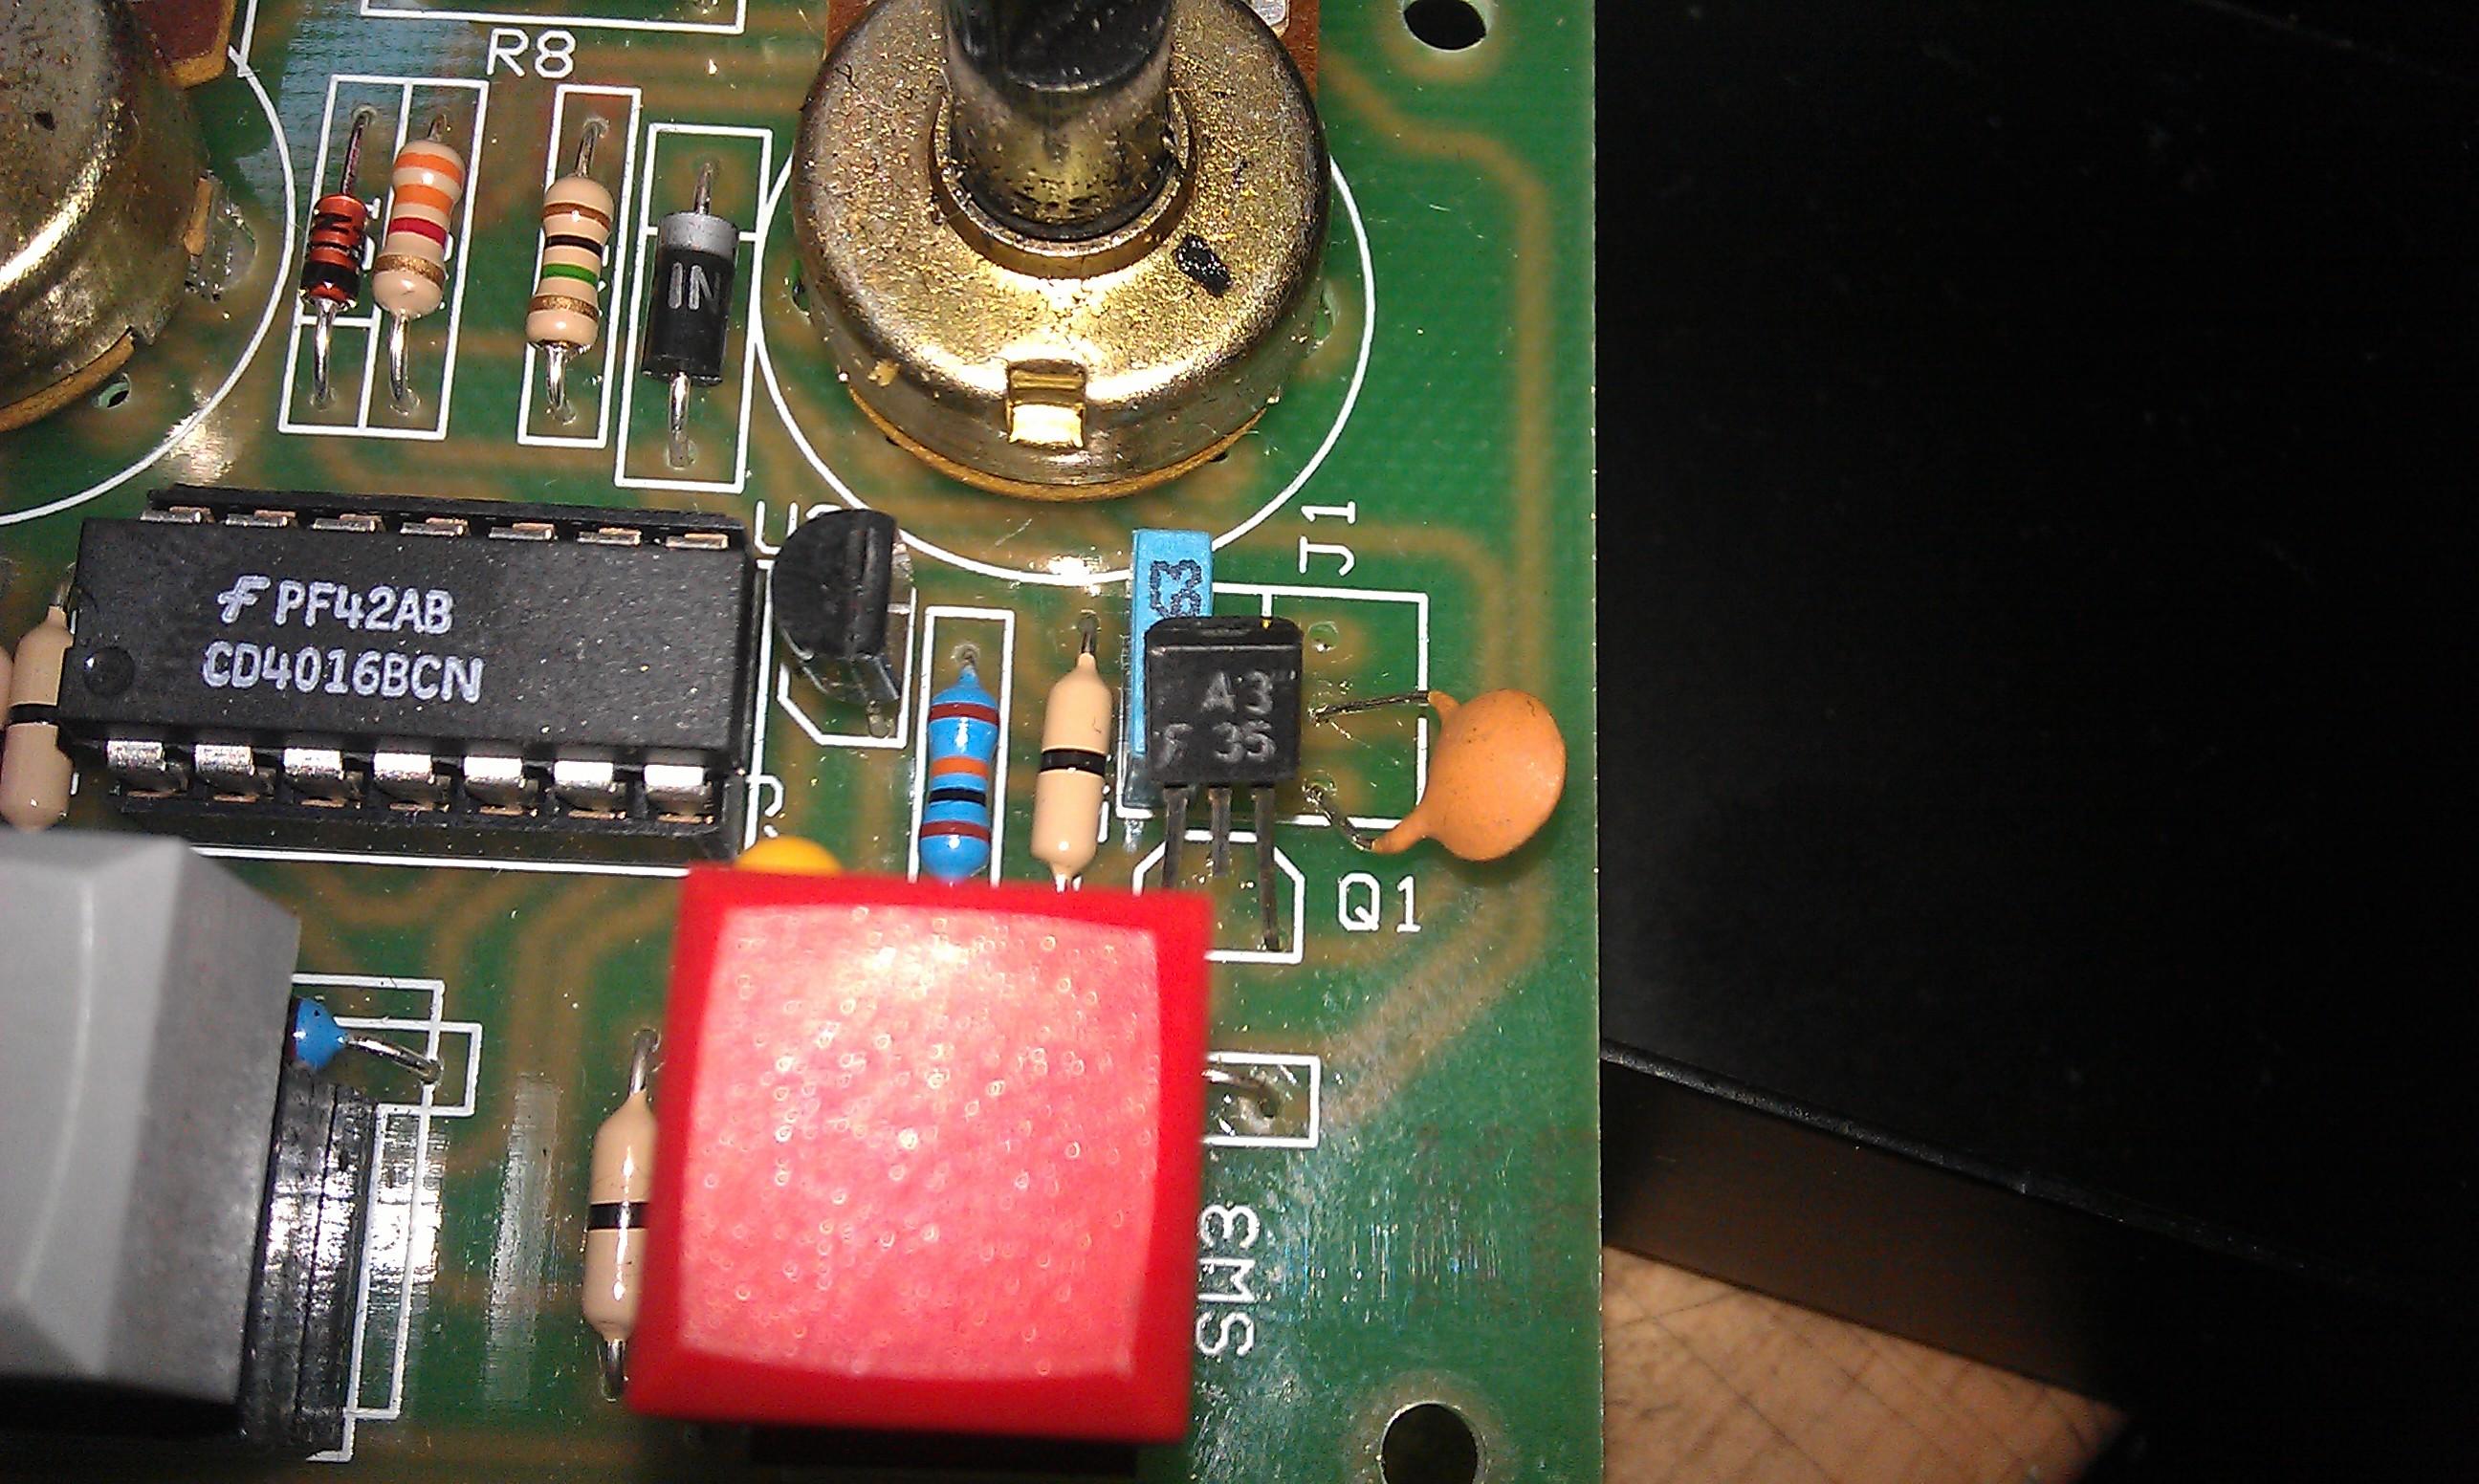 Jaki to tranzystor - obudowa TO 92, oznaczenie: A3?